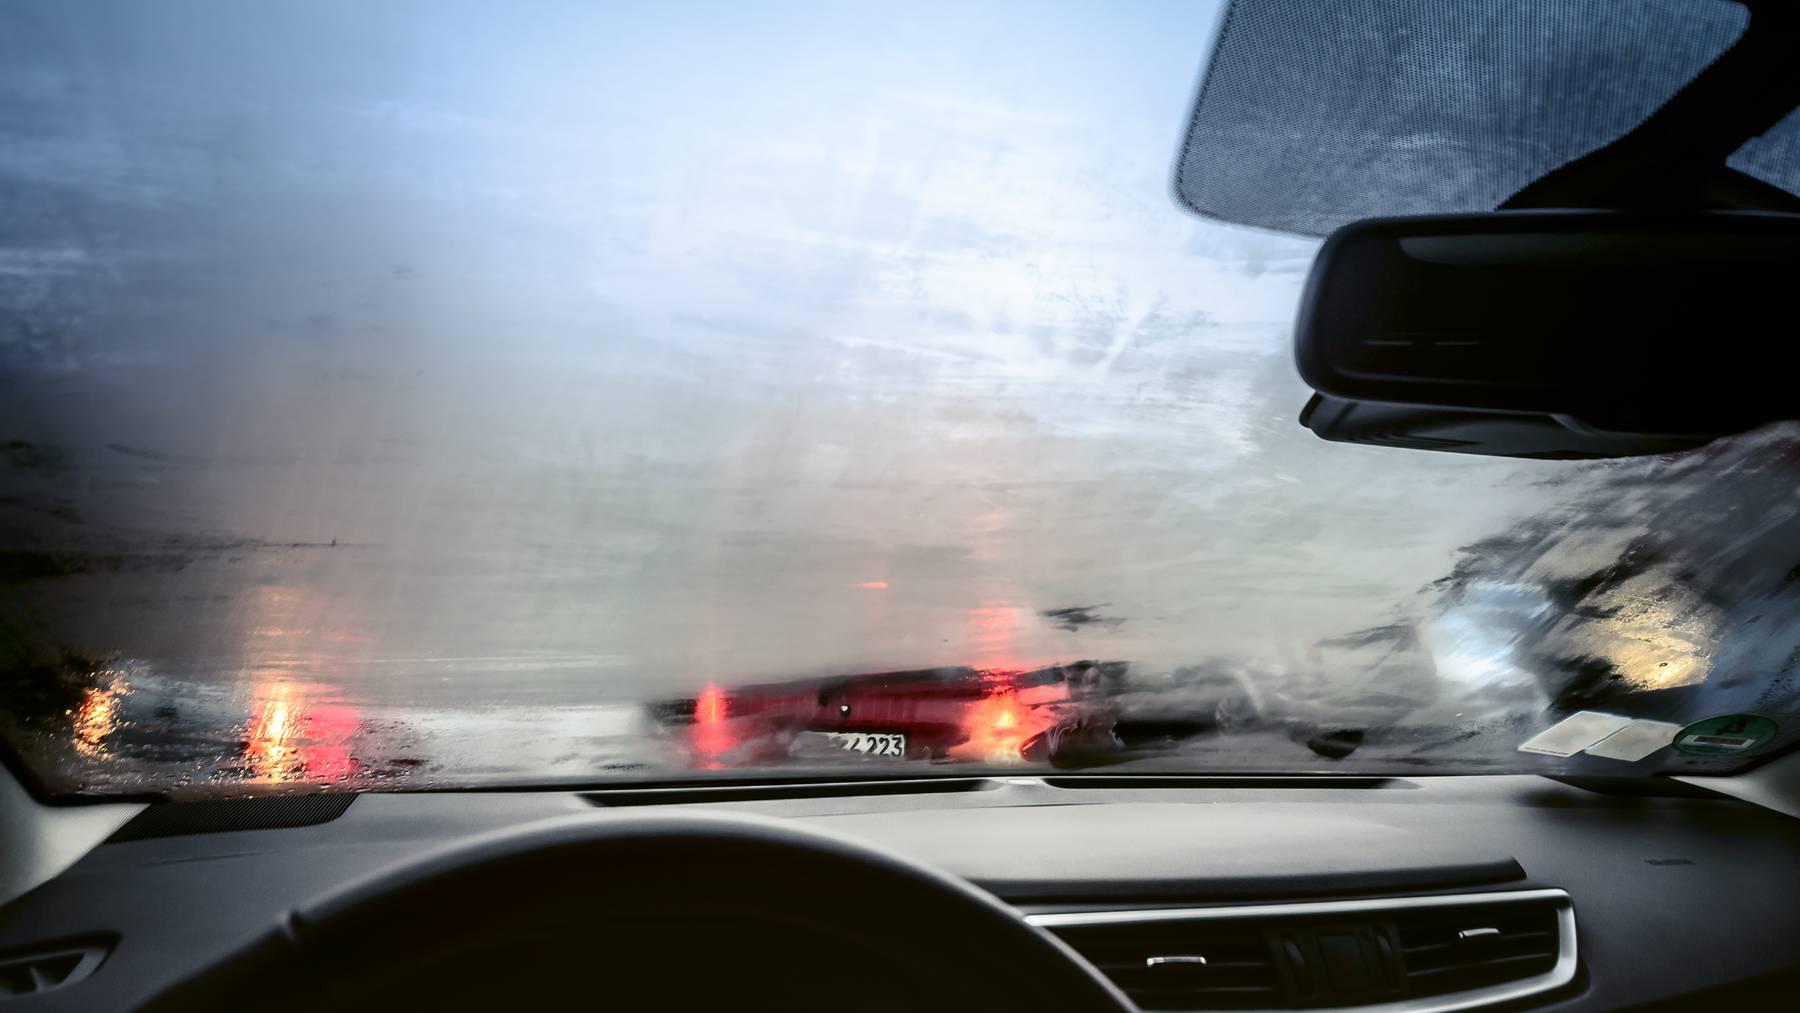 Nebel Autoscheibe beschlagen